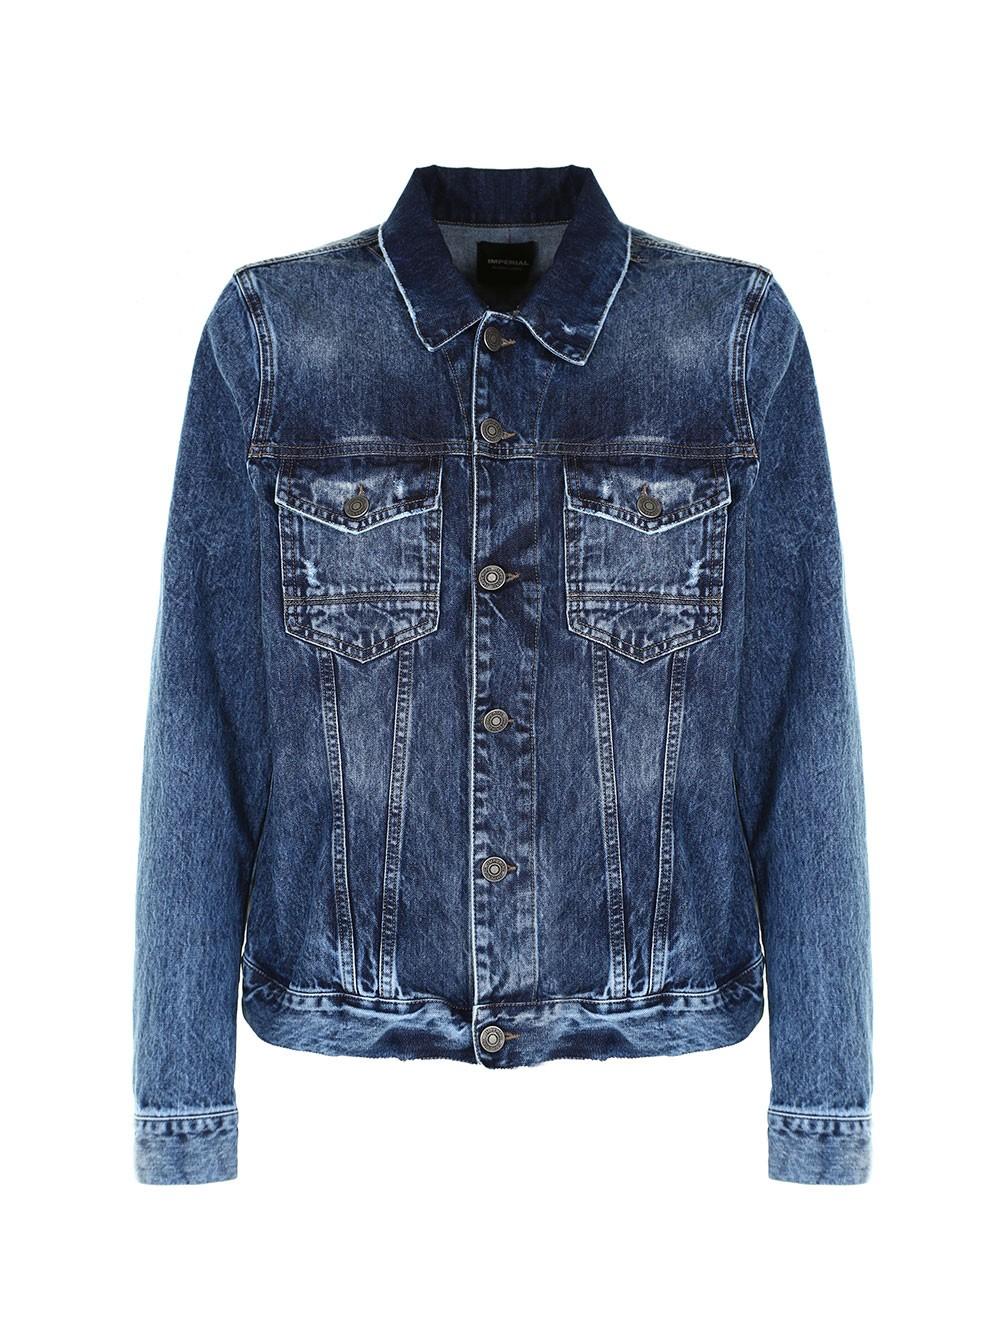 Giubbino jeans imperial